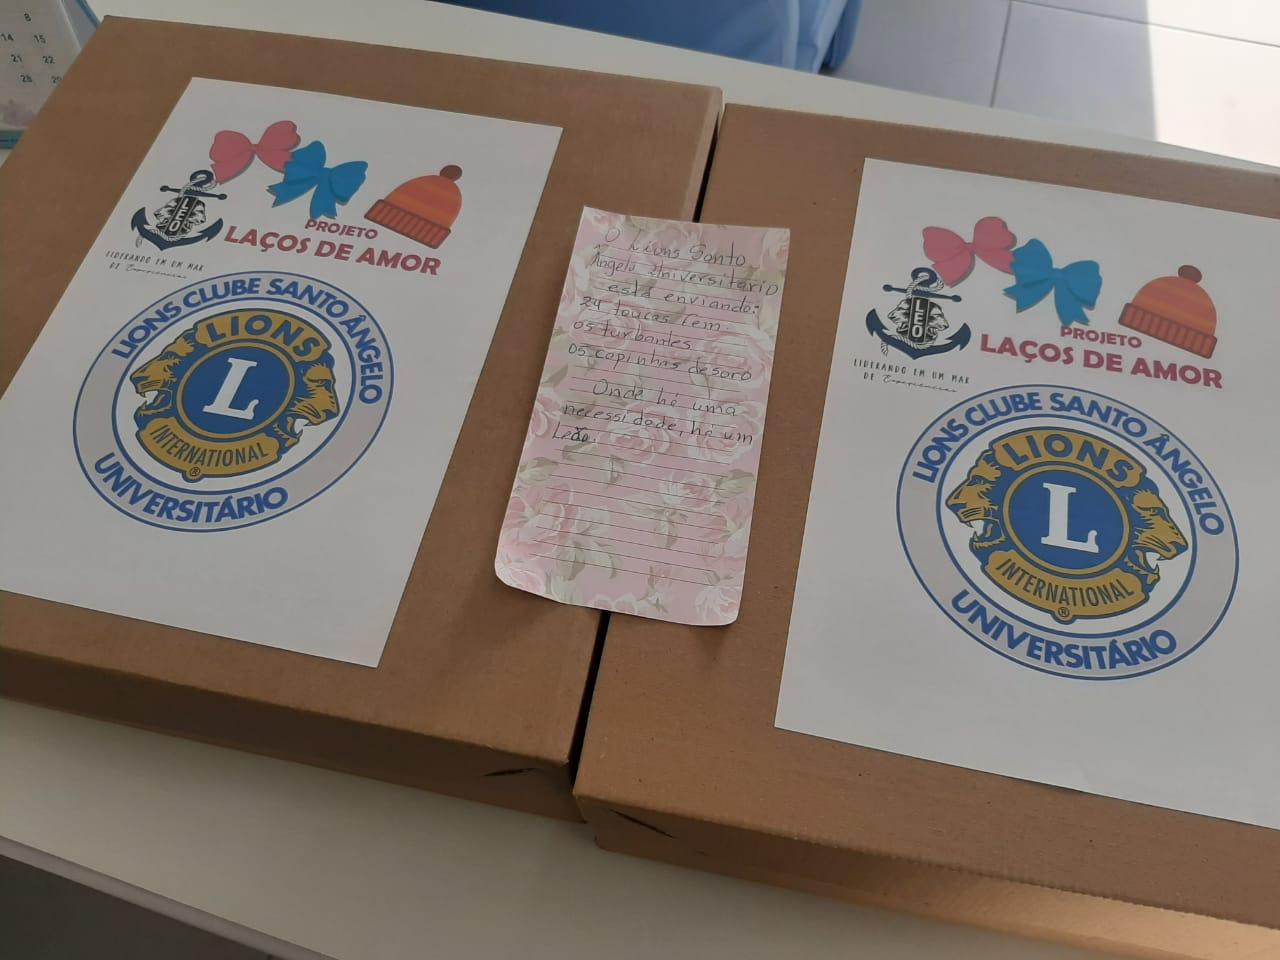 Oncologia do Hospital São Vicente de Paulo (HSVP) de Passo Fundo recebe doação do Lions Club de Santo Ângelo